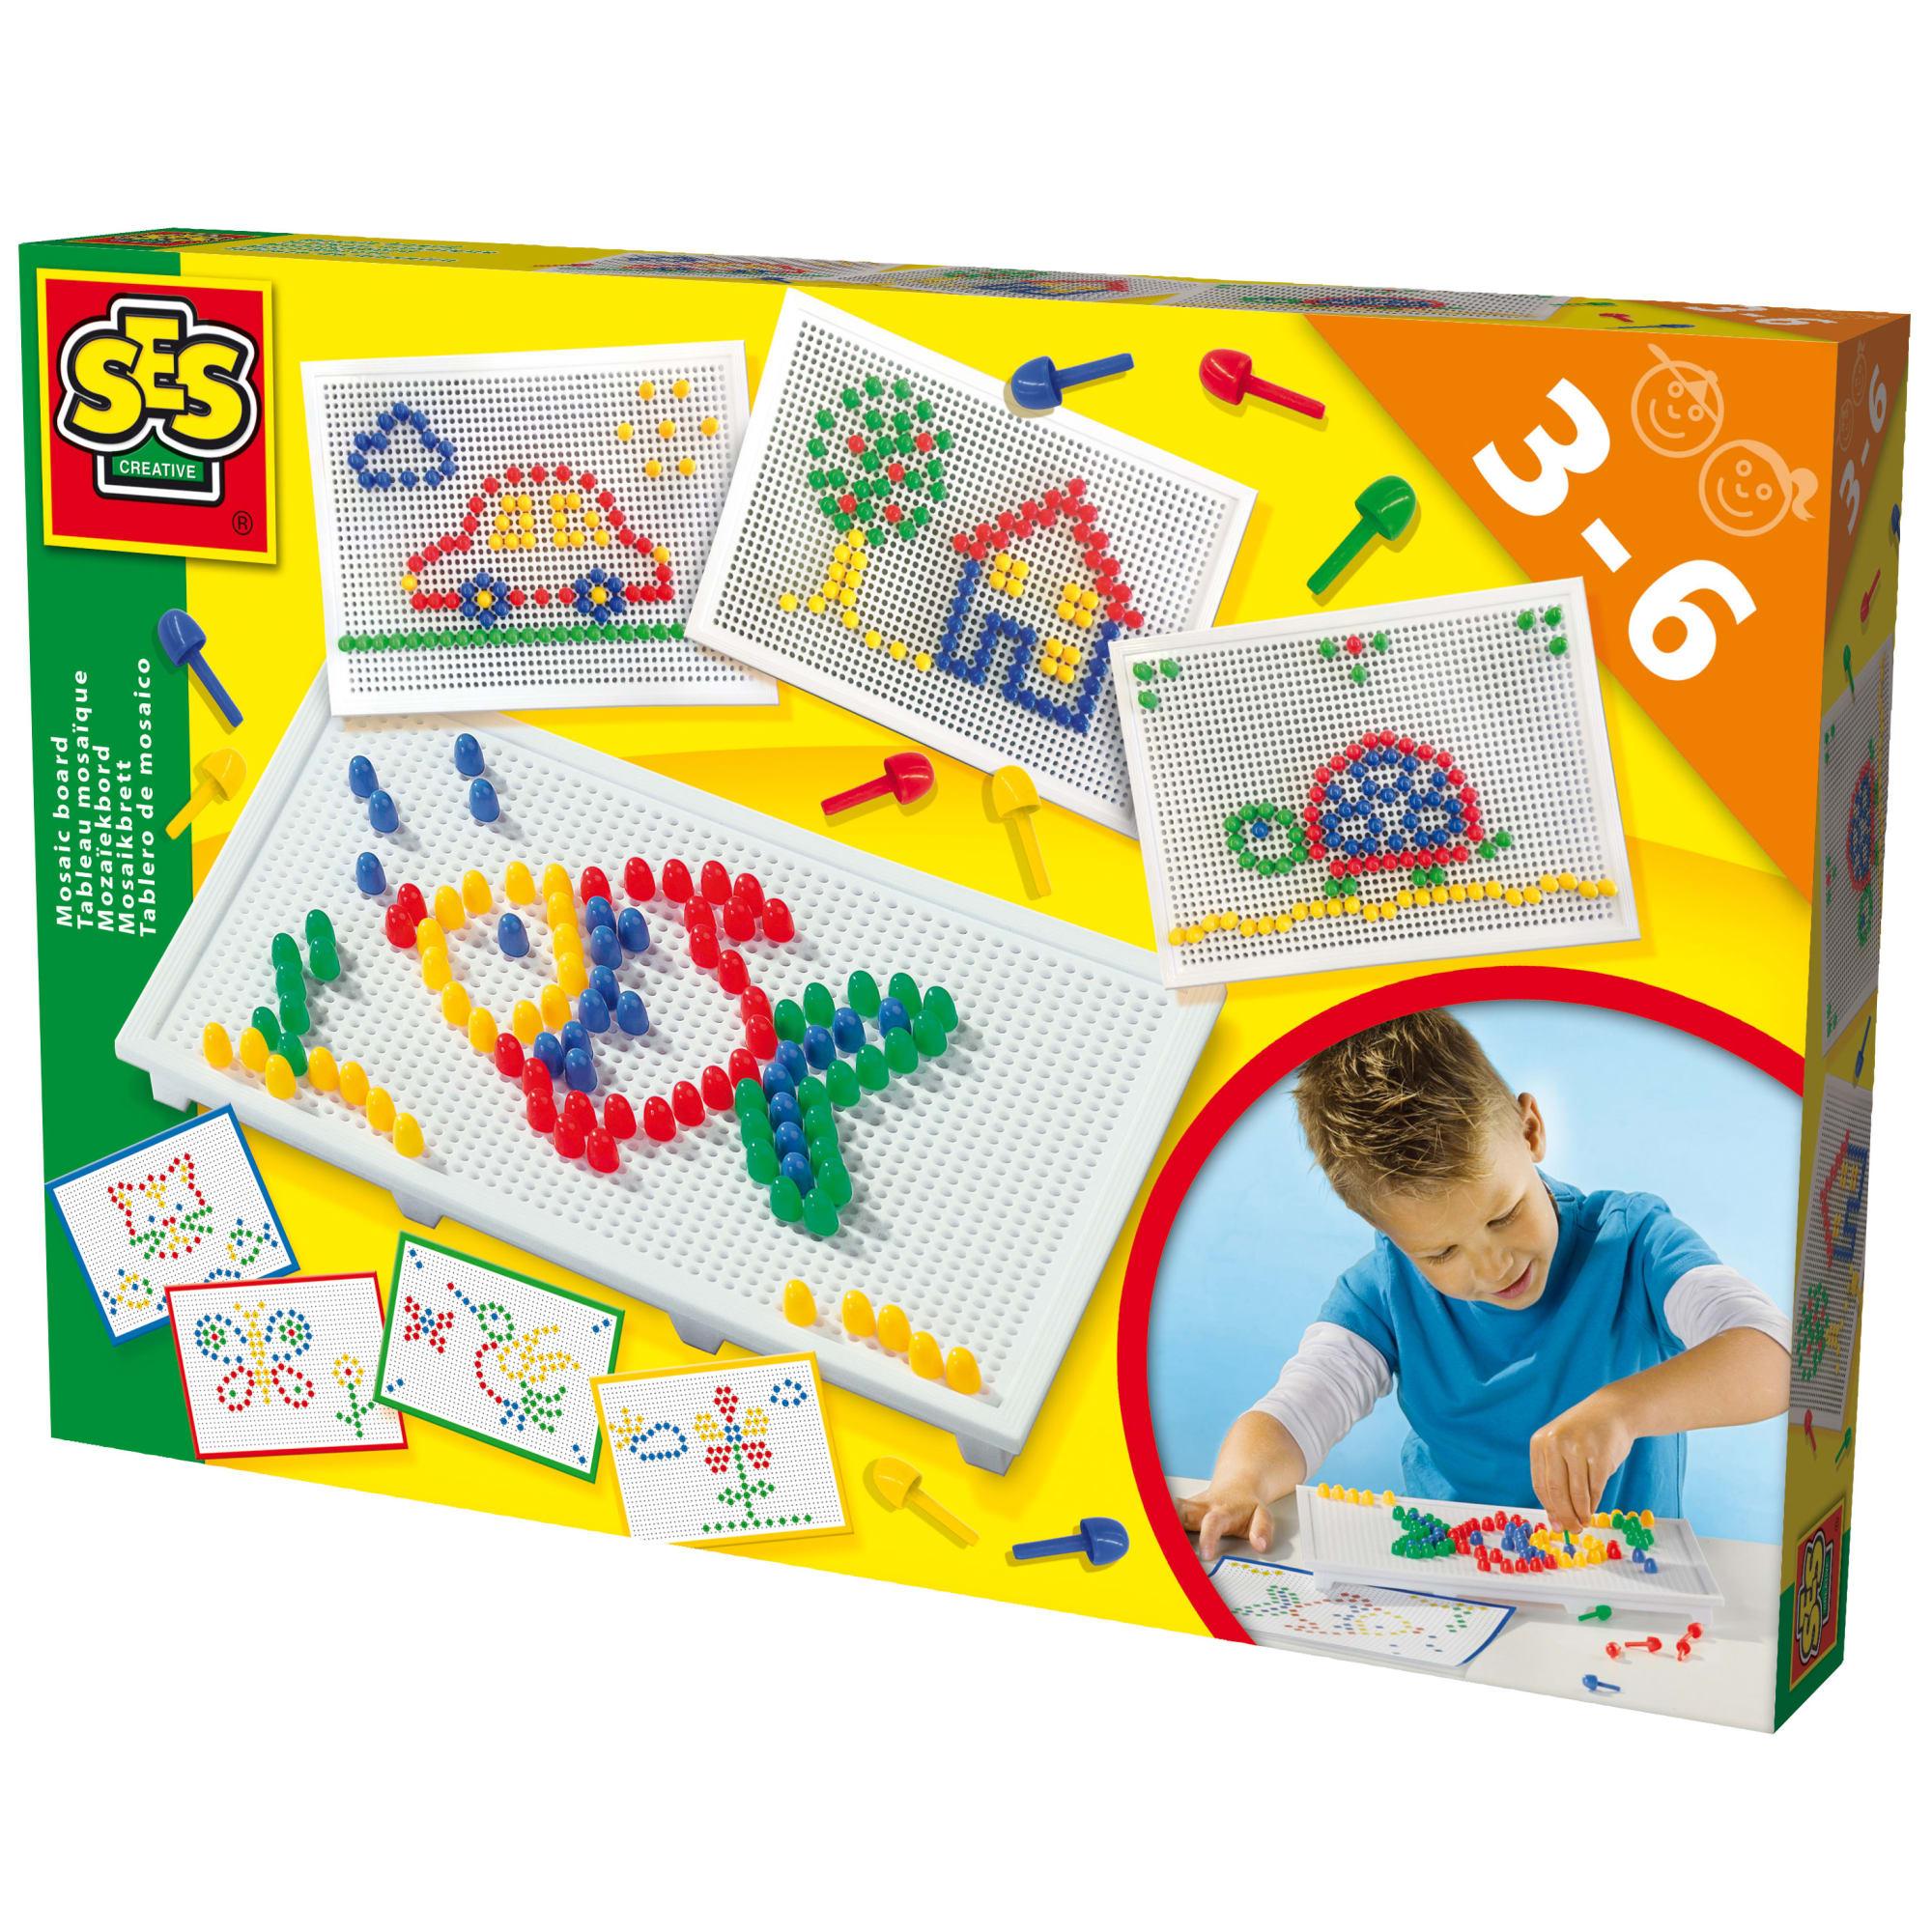 Sjov og kreativ leg med perler